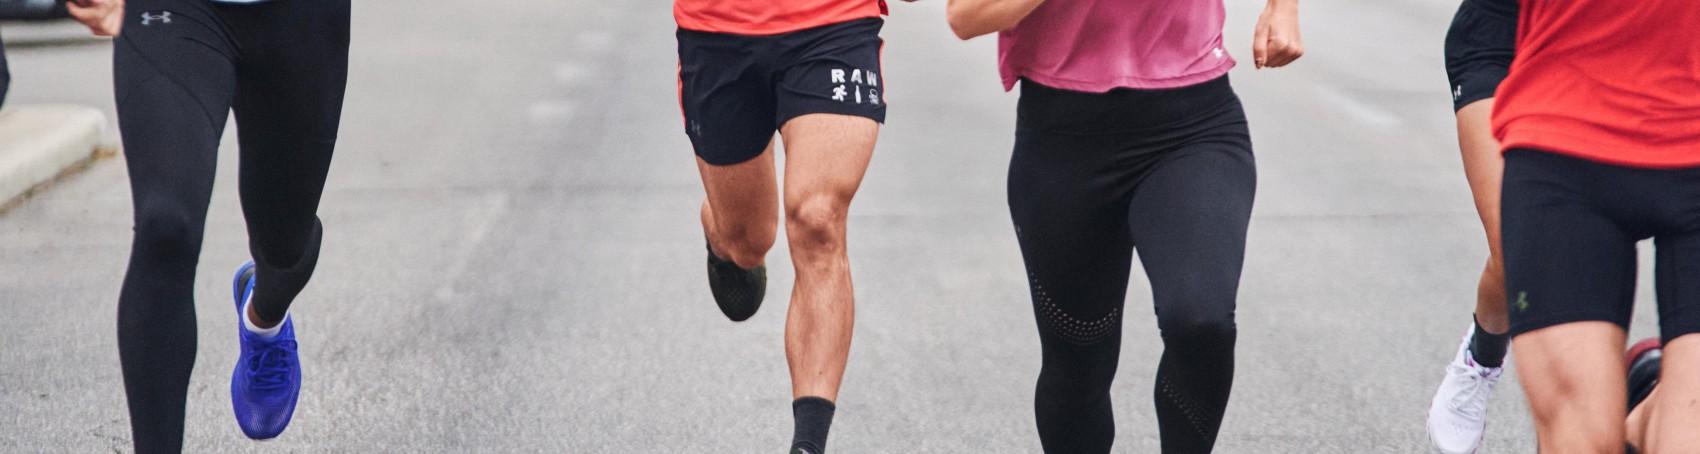 Runningtight lang